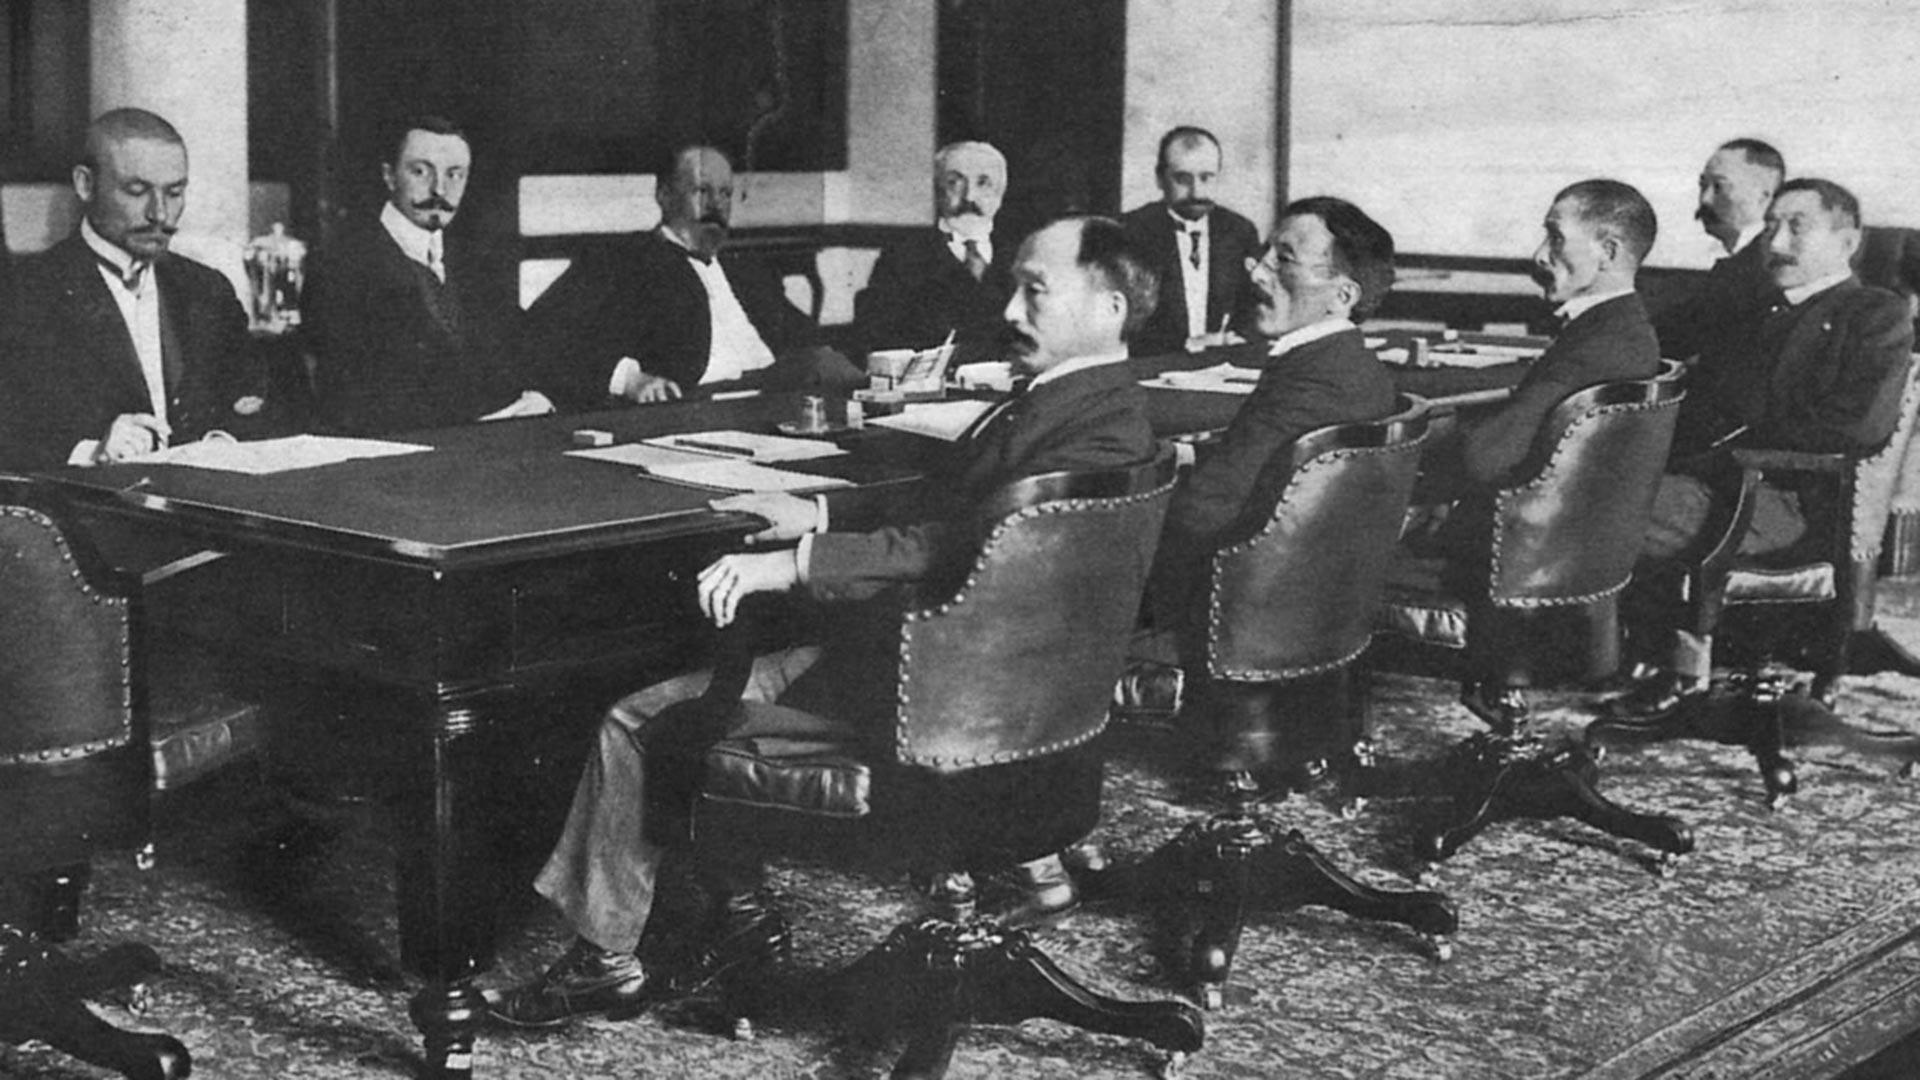 Délégués russes et japonais réunis autour de la table des négociations